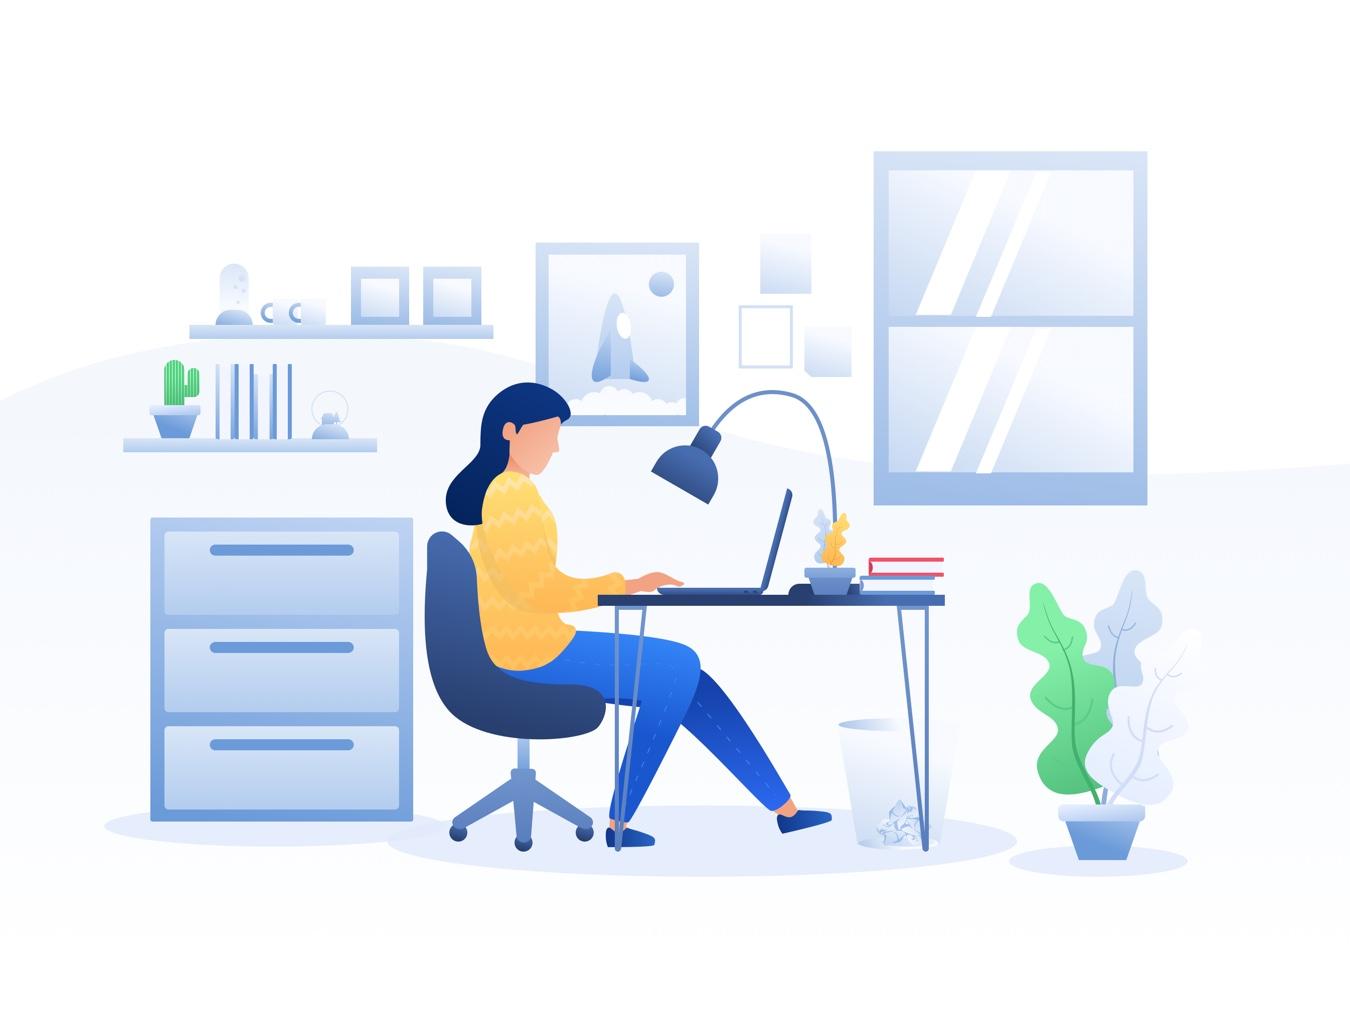 物联网智能智慧家庭场景插画创意素材下载[Sketch]设计素材模板